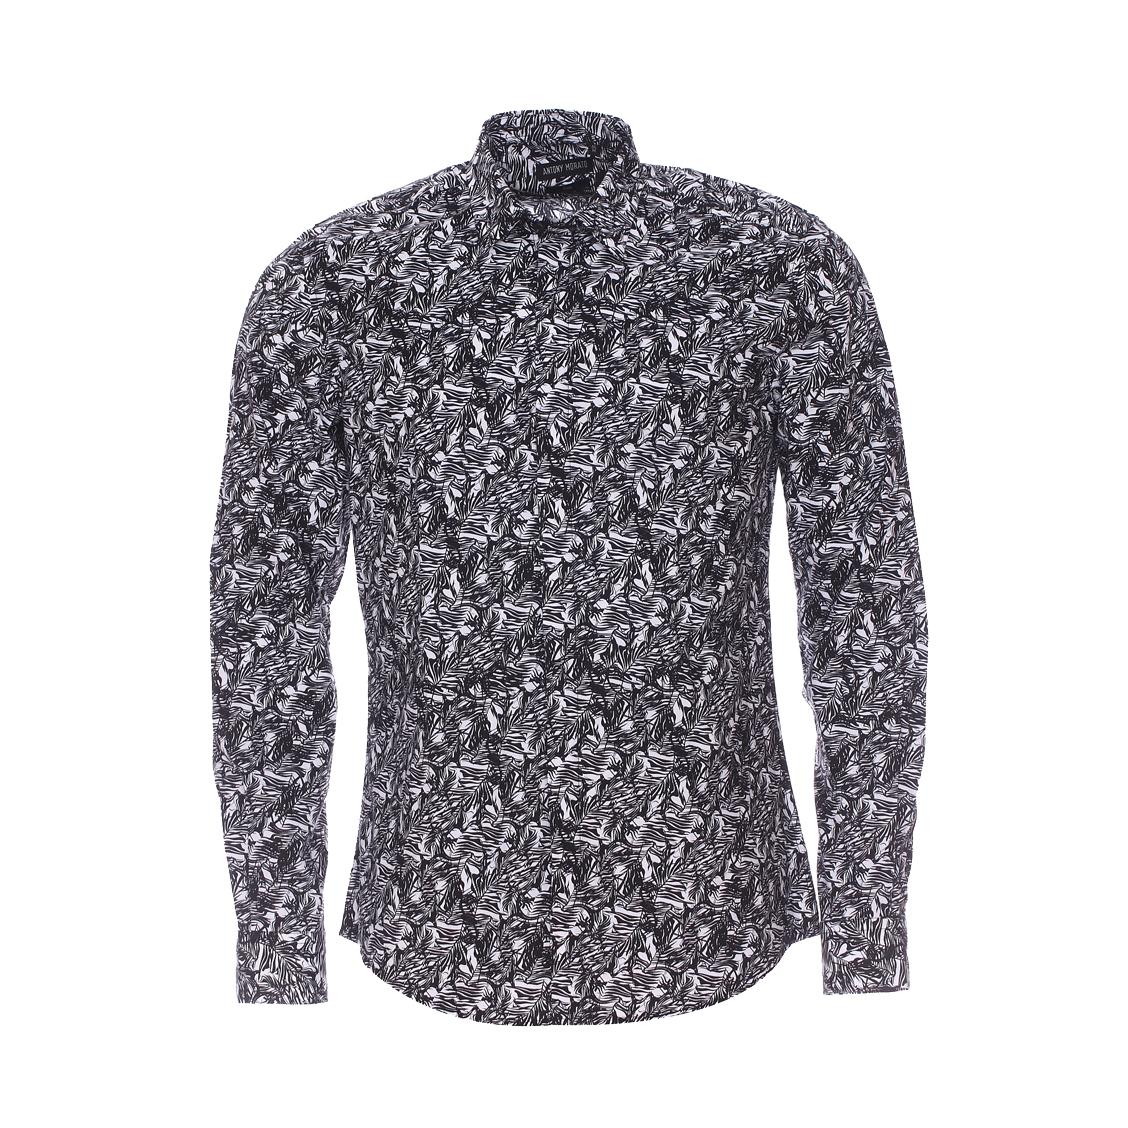 Chemise cintrée  en coton blanc à motifs feuillages noirs